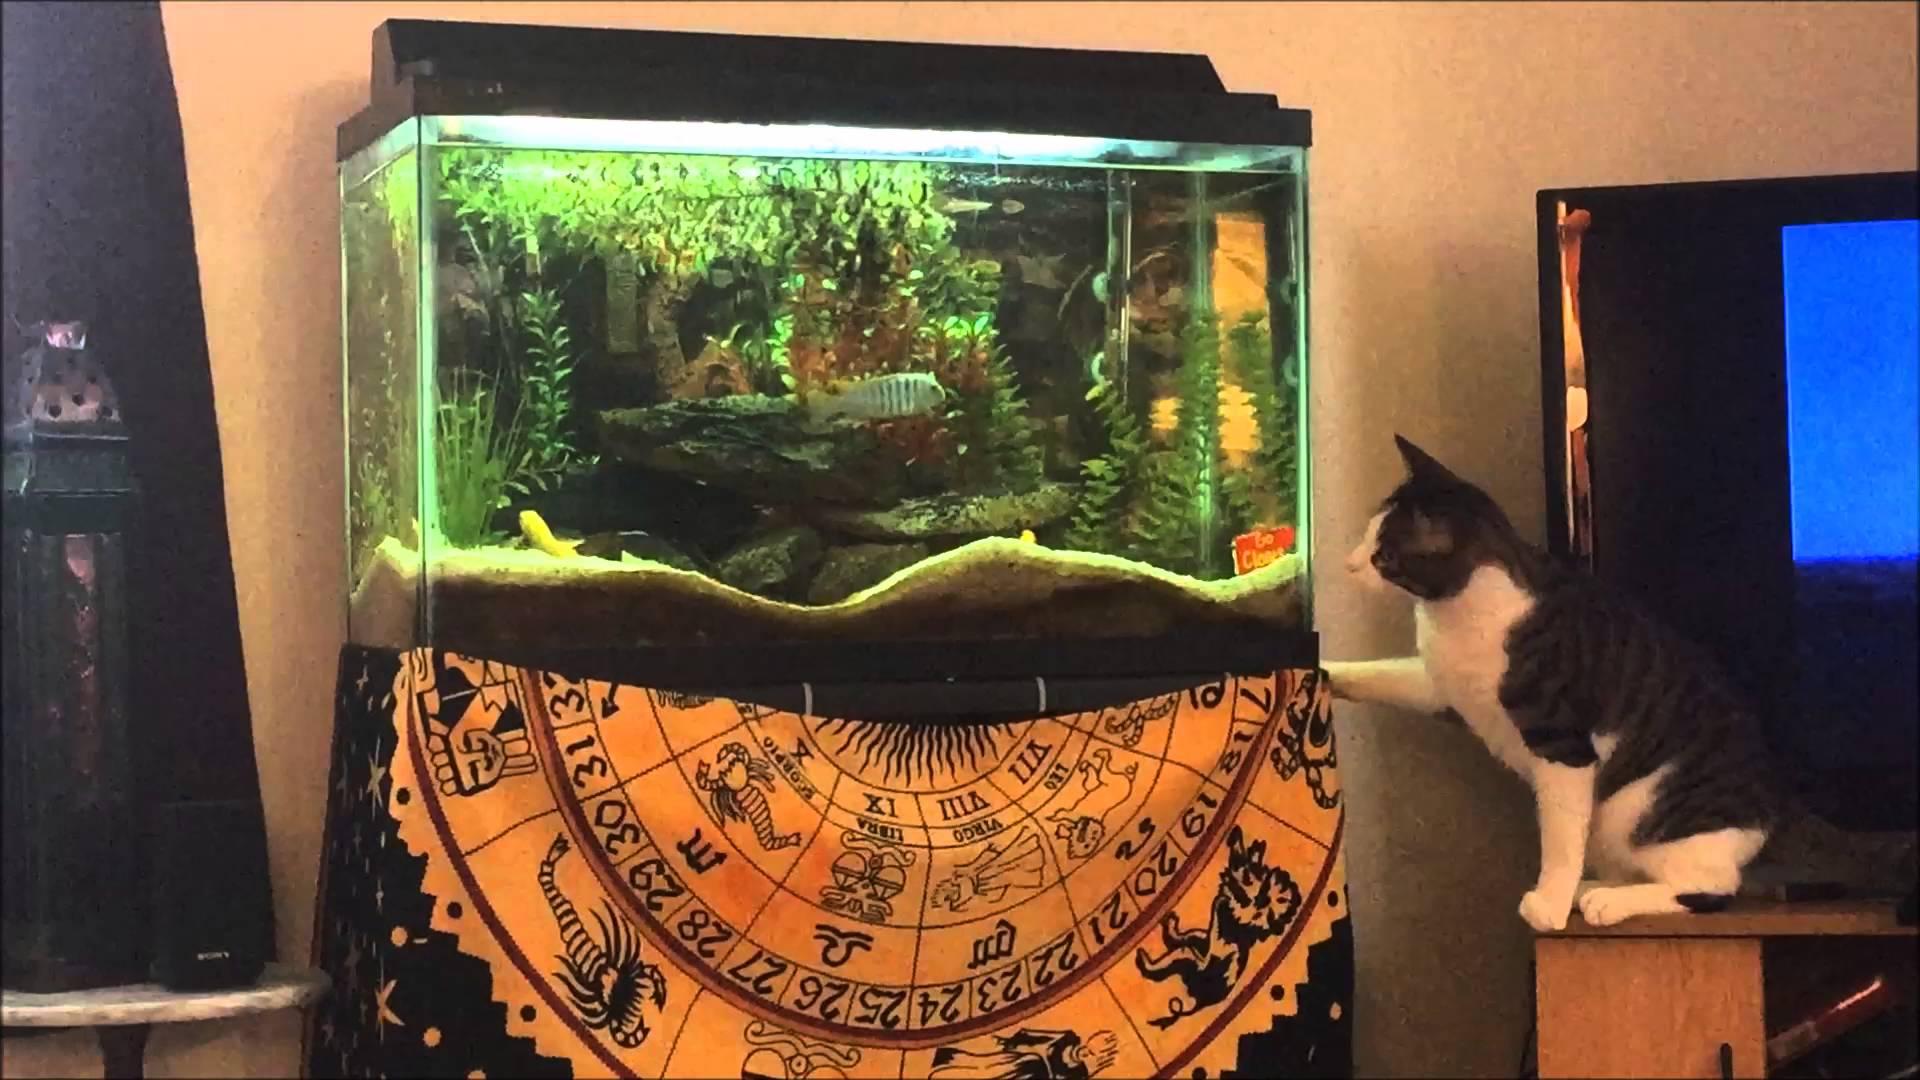 水槽の中を泳ぐ熱帯魚を捕まえようとしたネコの衝撃行動